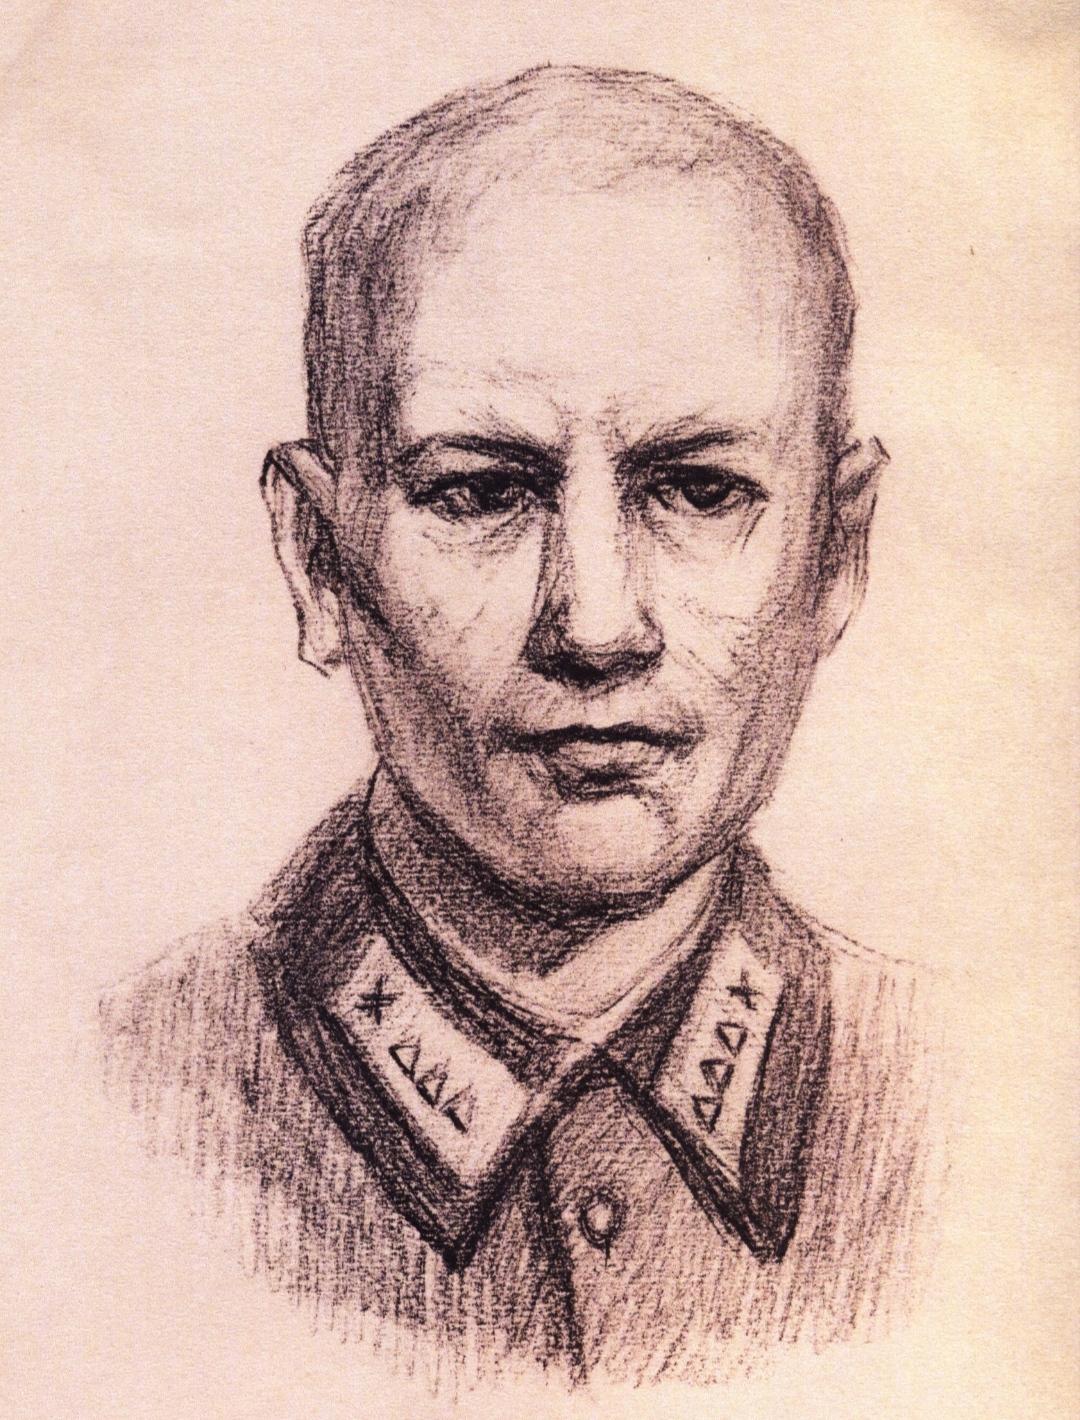 Карандашный портрет Н.В. Сиротинина, сделанный по памяти его земляком, курсантом Московского ВОКУ Р. Лукьяновым в 1990-е годы